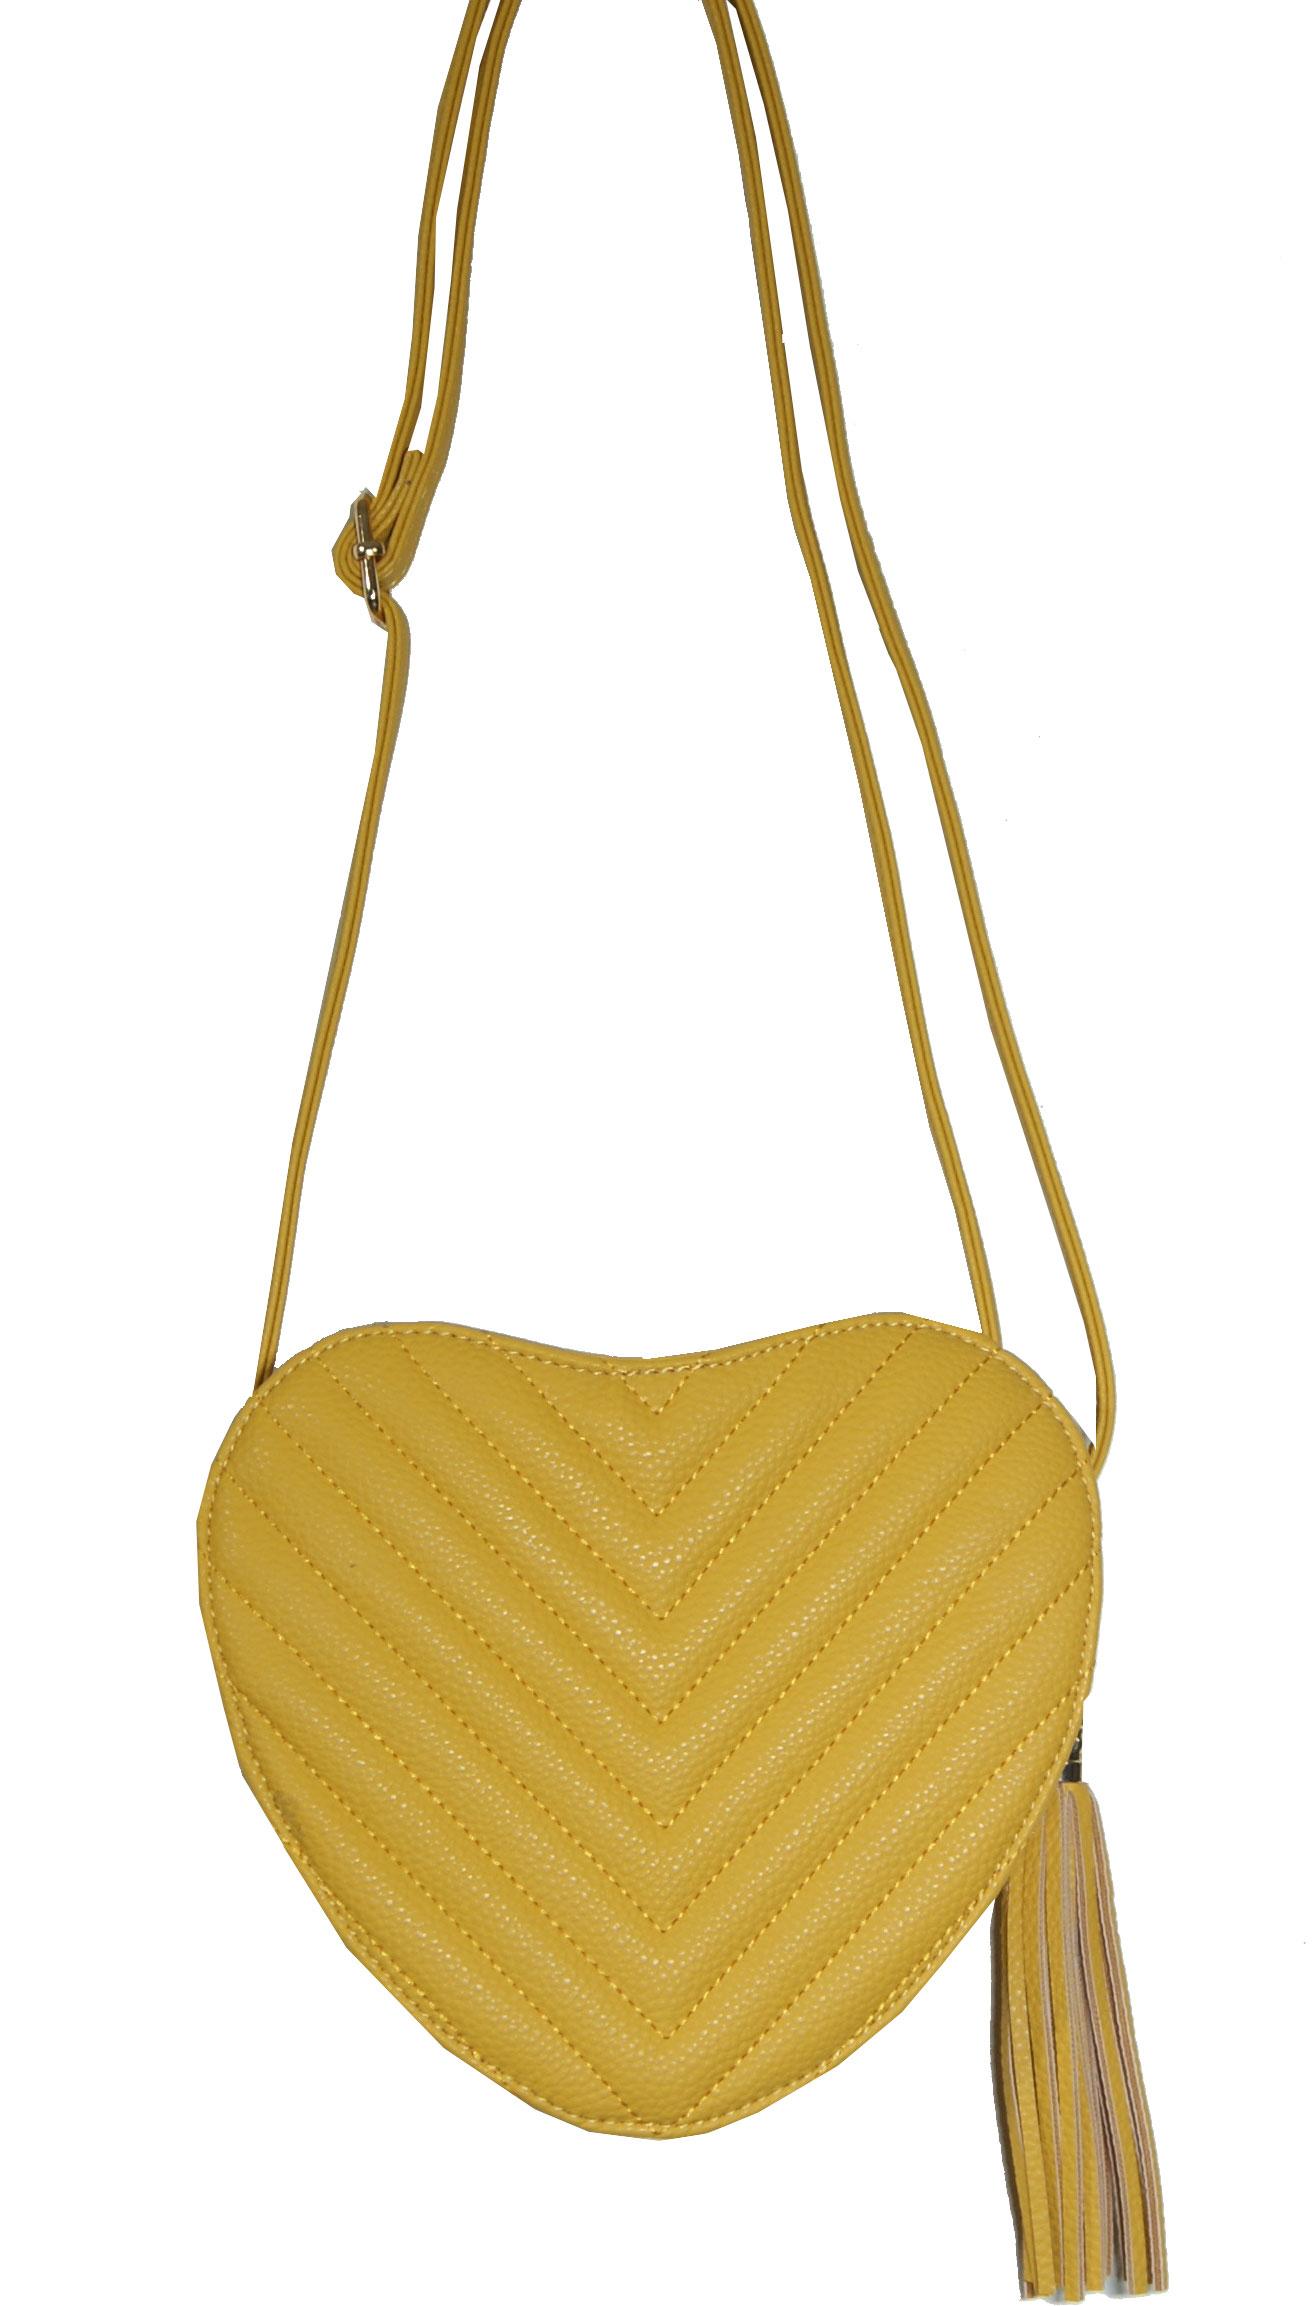 b33dfc8a37 Τσαντάκι γυναικείο Νο 8160 - Κίτρινο (Dudlin 8160-72)